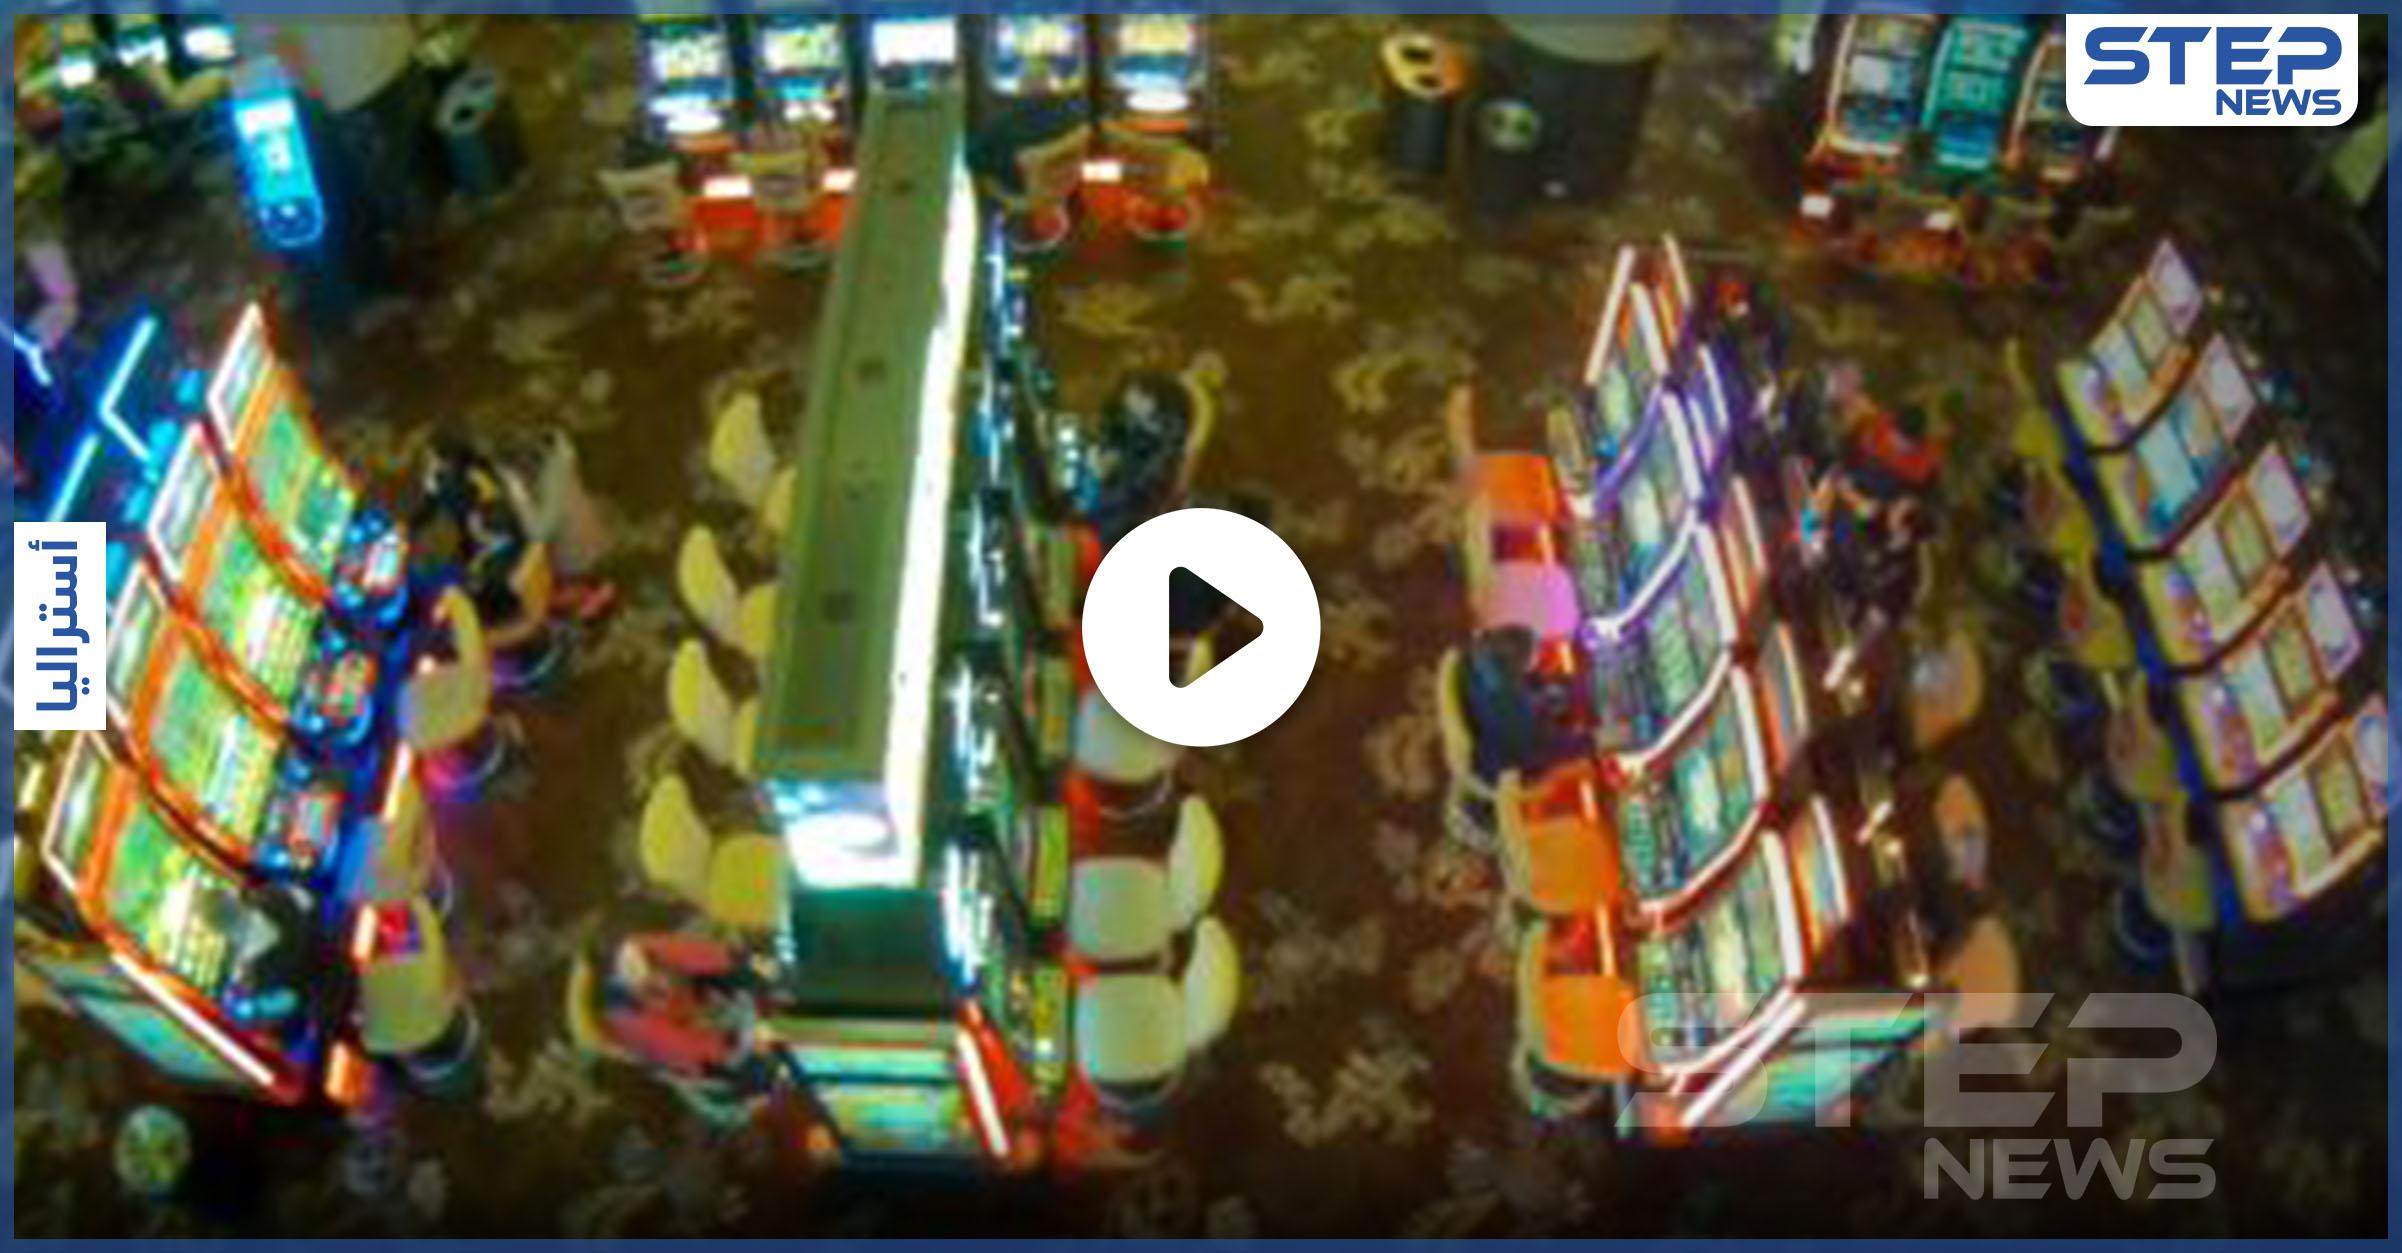 كاميرا مراقبة ترصد طفلة تقامر باحترافية في كازينو بـ سيدني